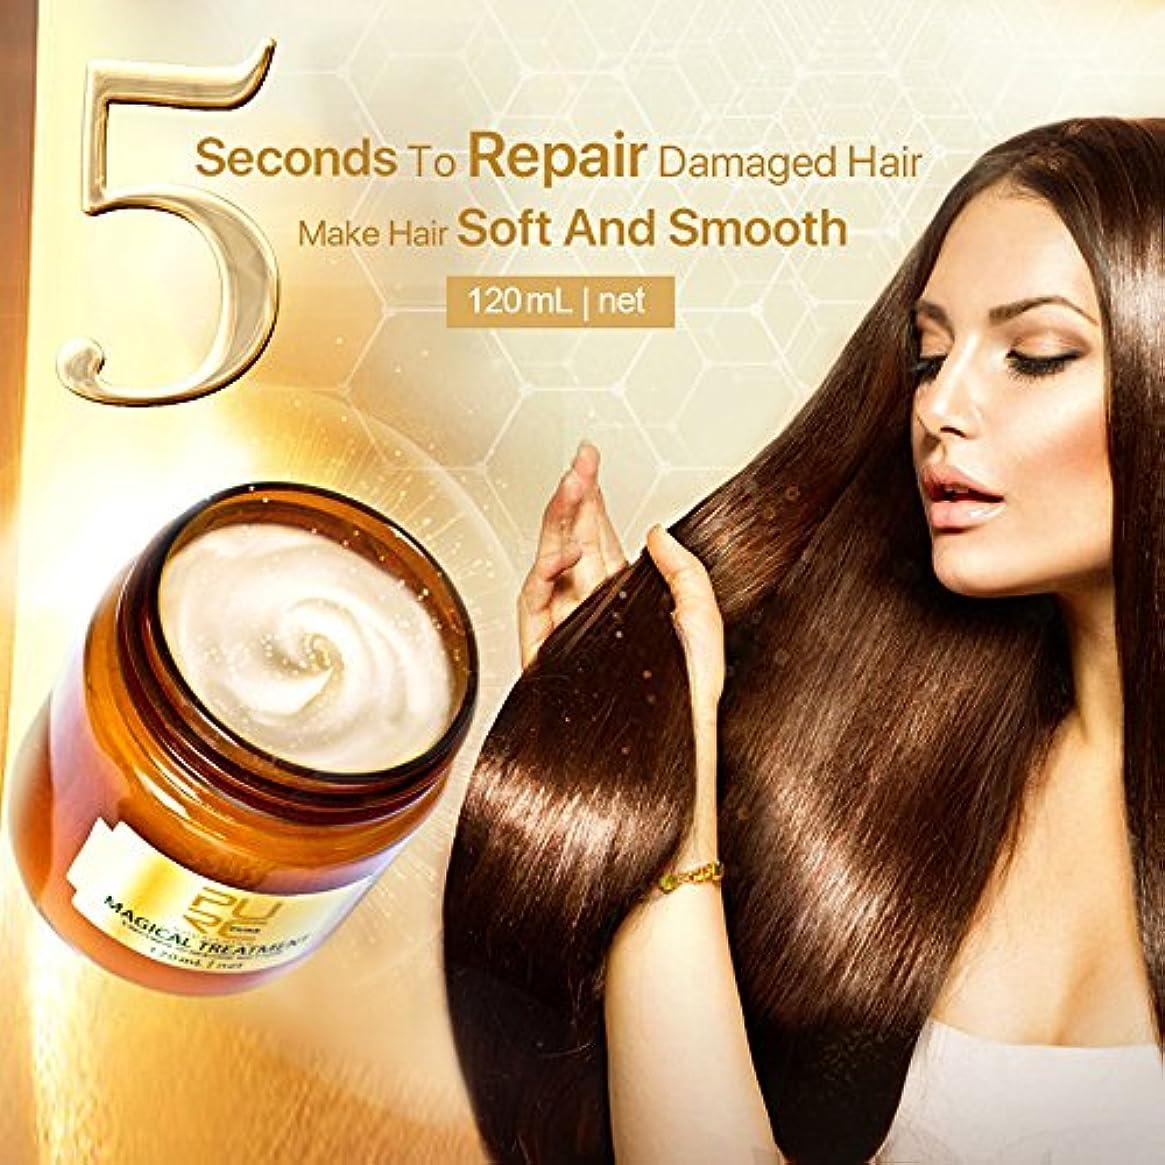 煩わしい酔っ払い貯水池ディープリペア軟膏ヘアマスク 高度な分子 毛根治療の回復 魔法のヘアマスクは コンディショナー ヘアケアコンディショ すべての髪のタイプのケラチンヘアの柔らかい髪を復元します (120ML)